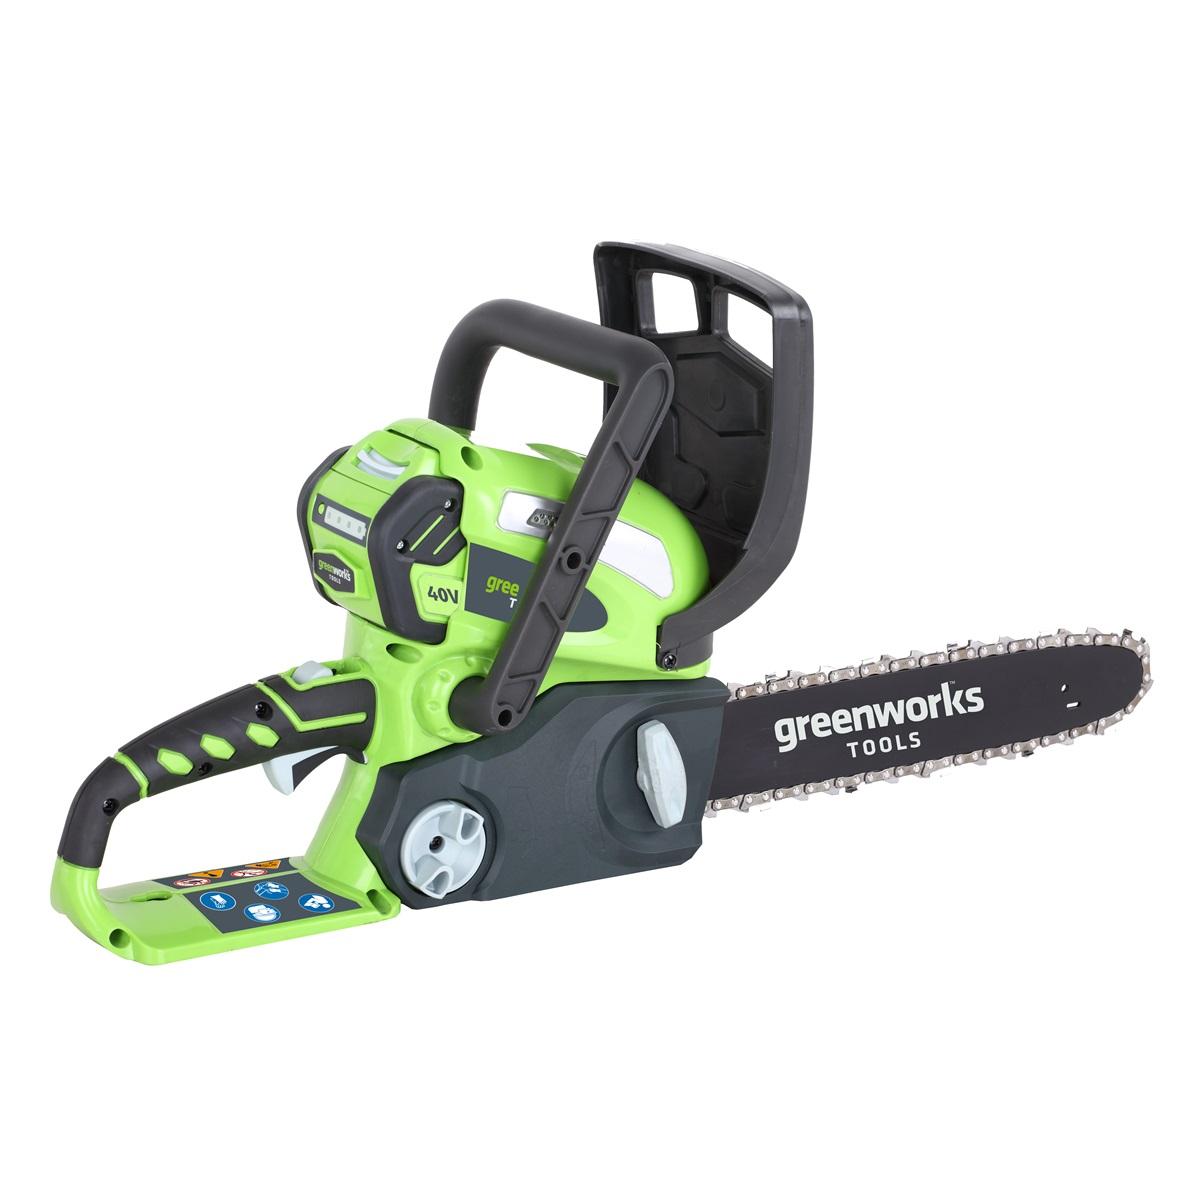 Greenworks G40CS30, reťazová píla s aku motorom 40 V